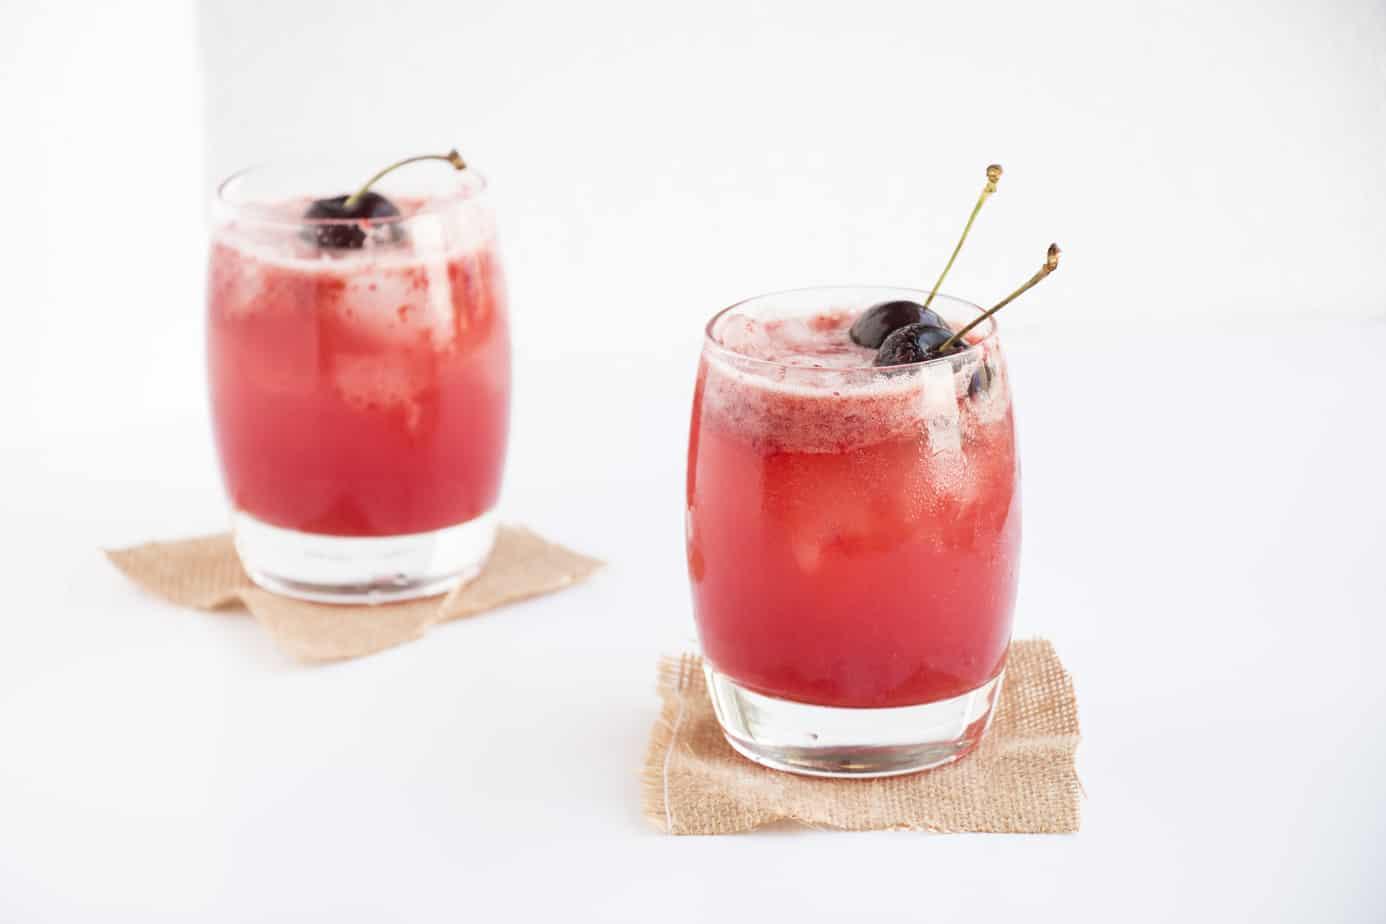 Cherry & Lemon Cocktails